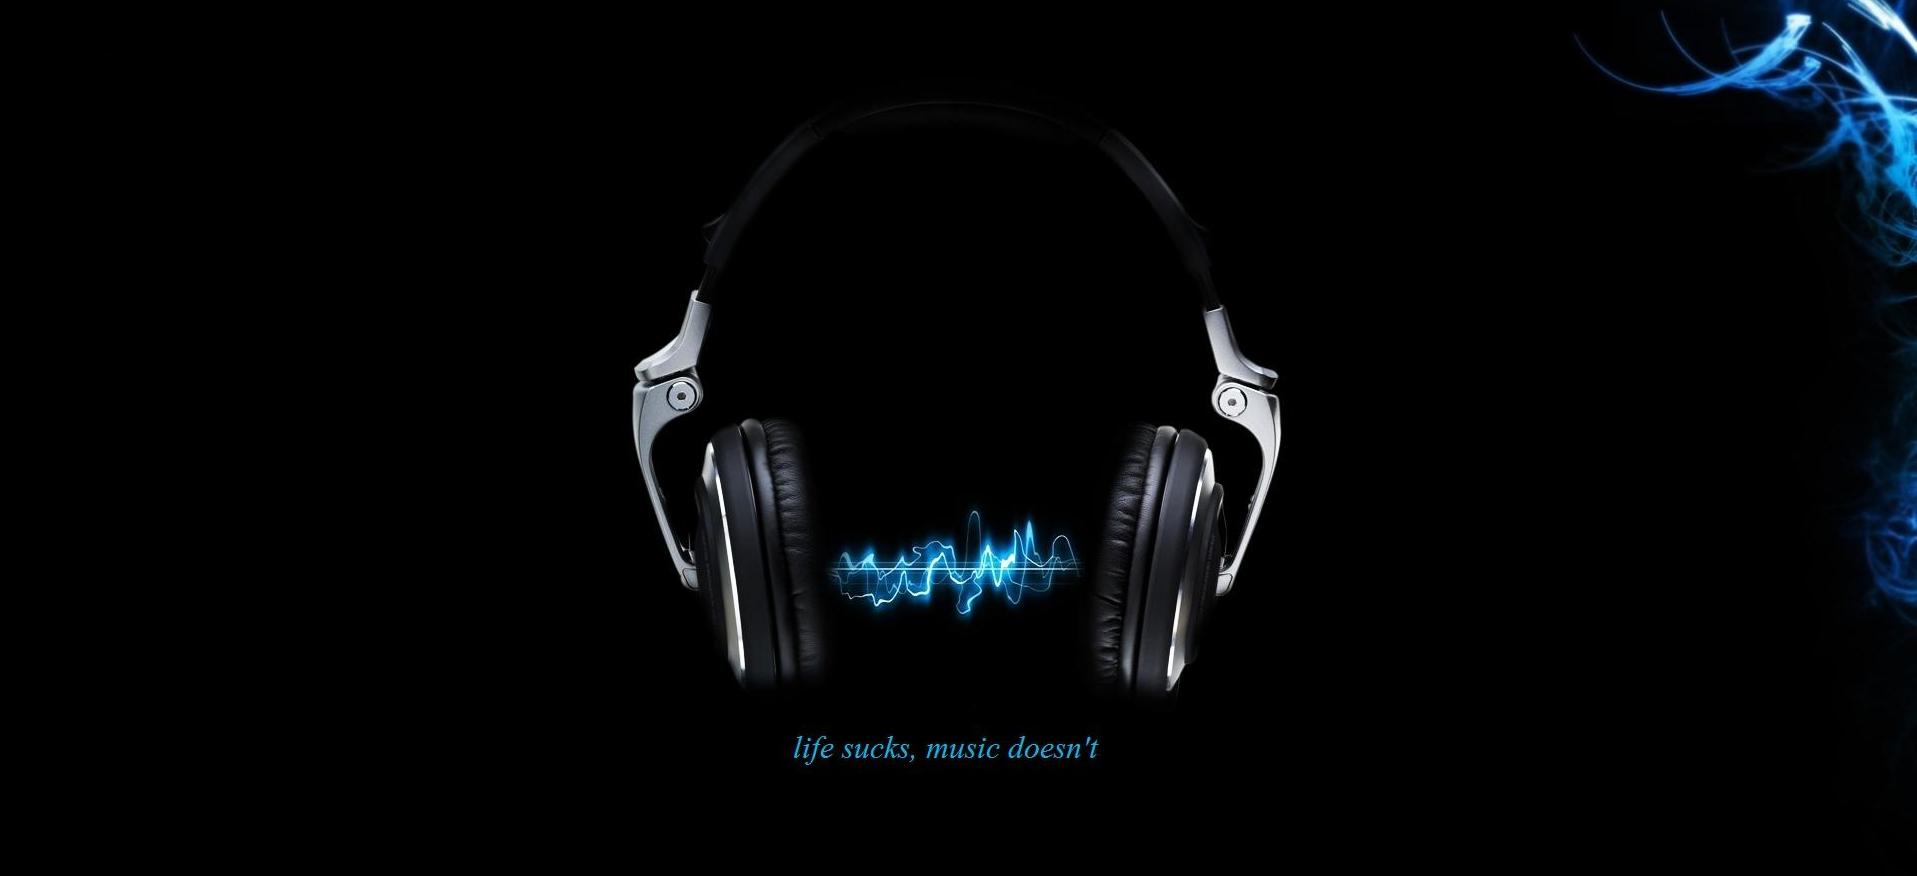 лучшие аудио смартфоны 2016